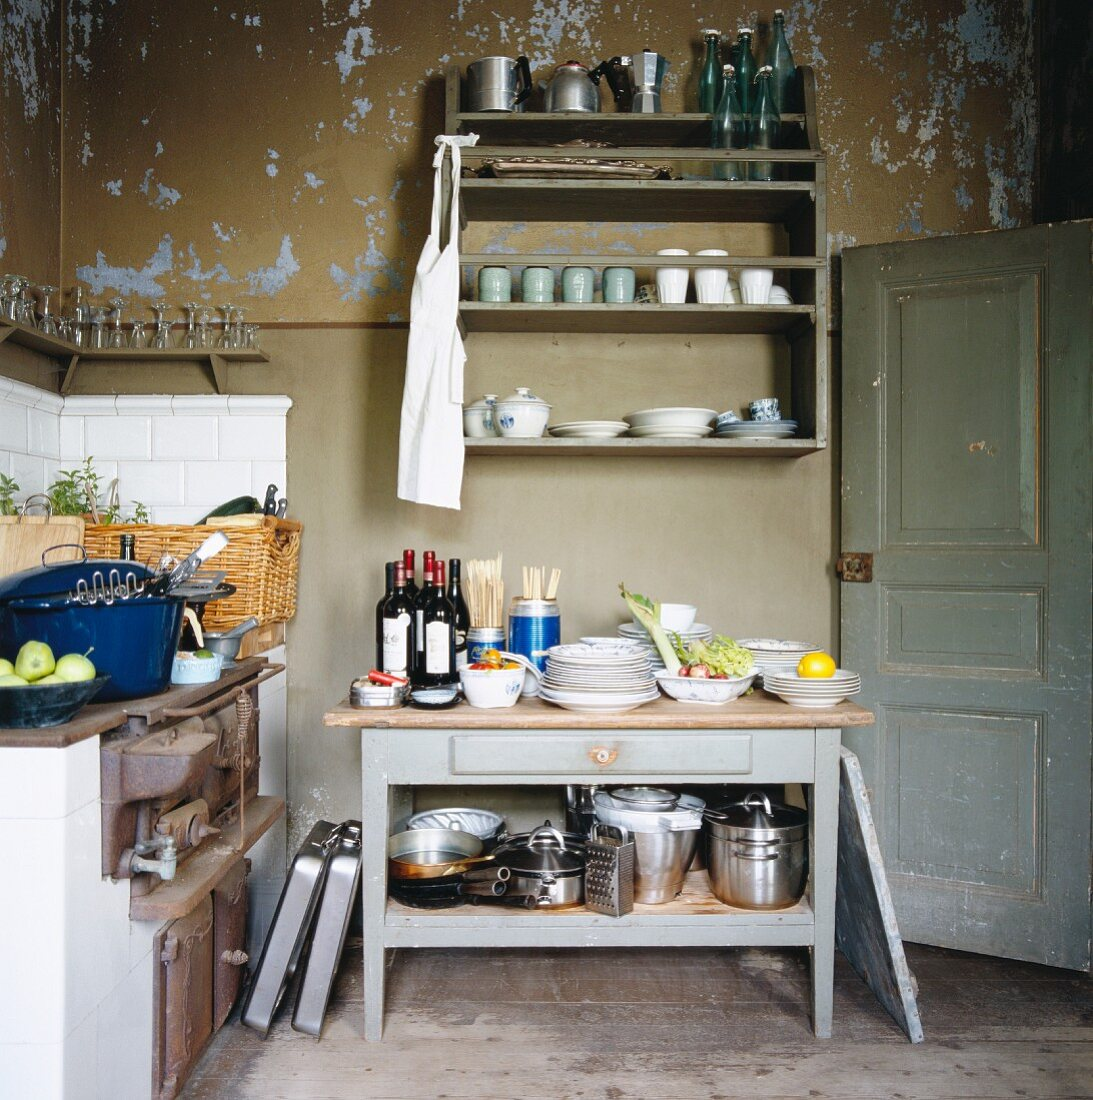 Schlichte Küche mit abblätternder Farbe an Wand